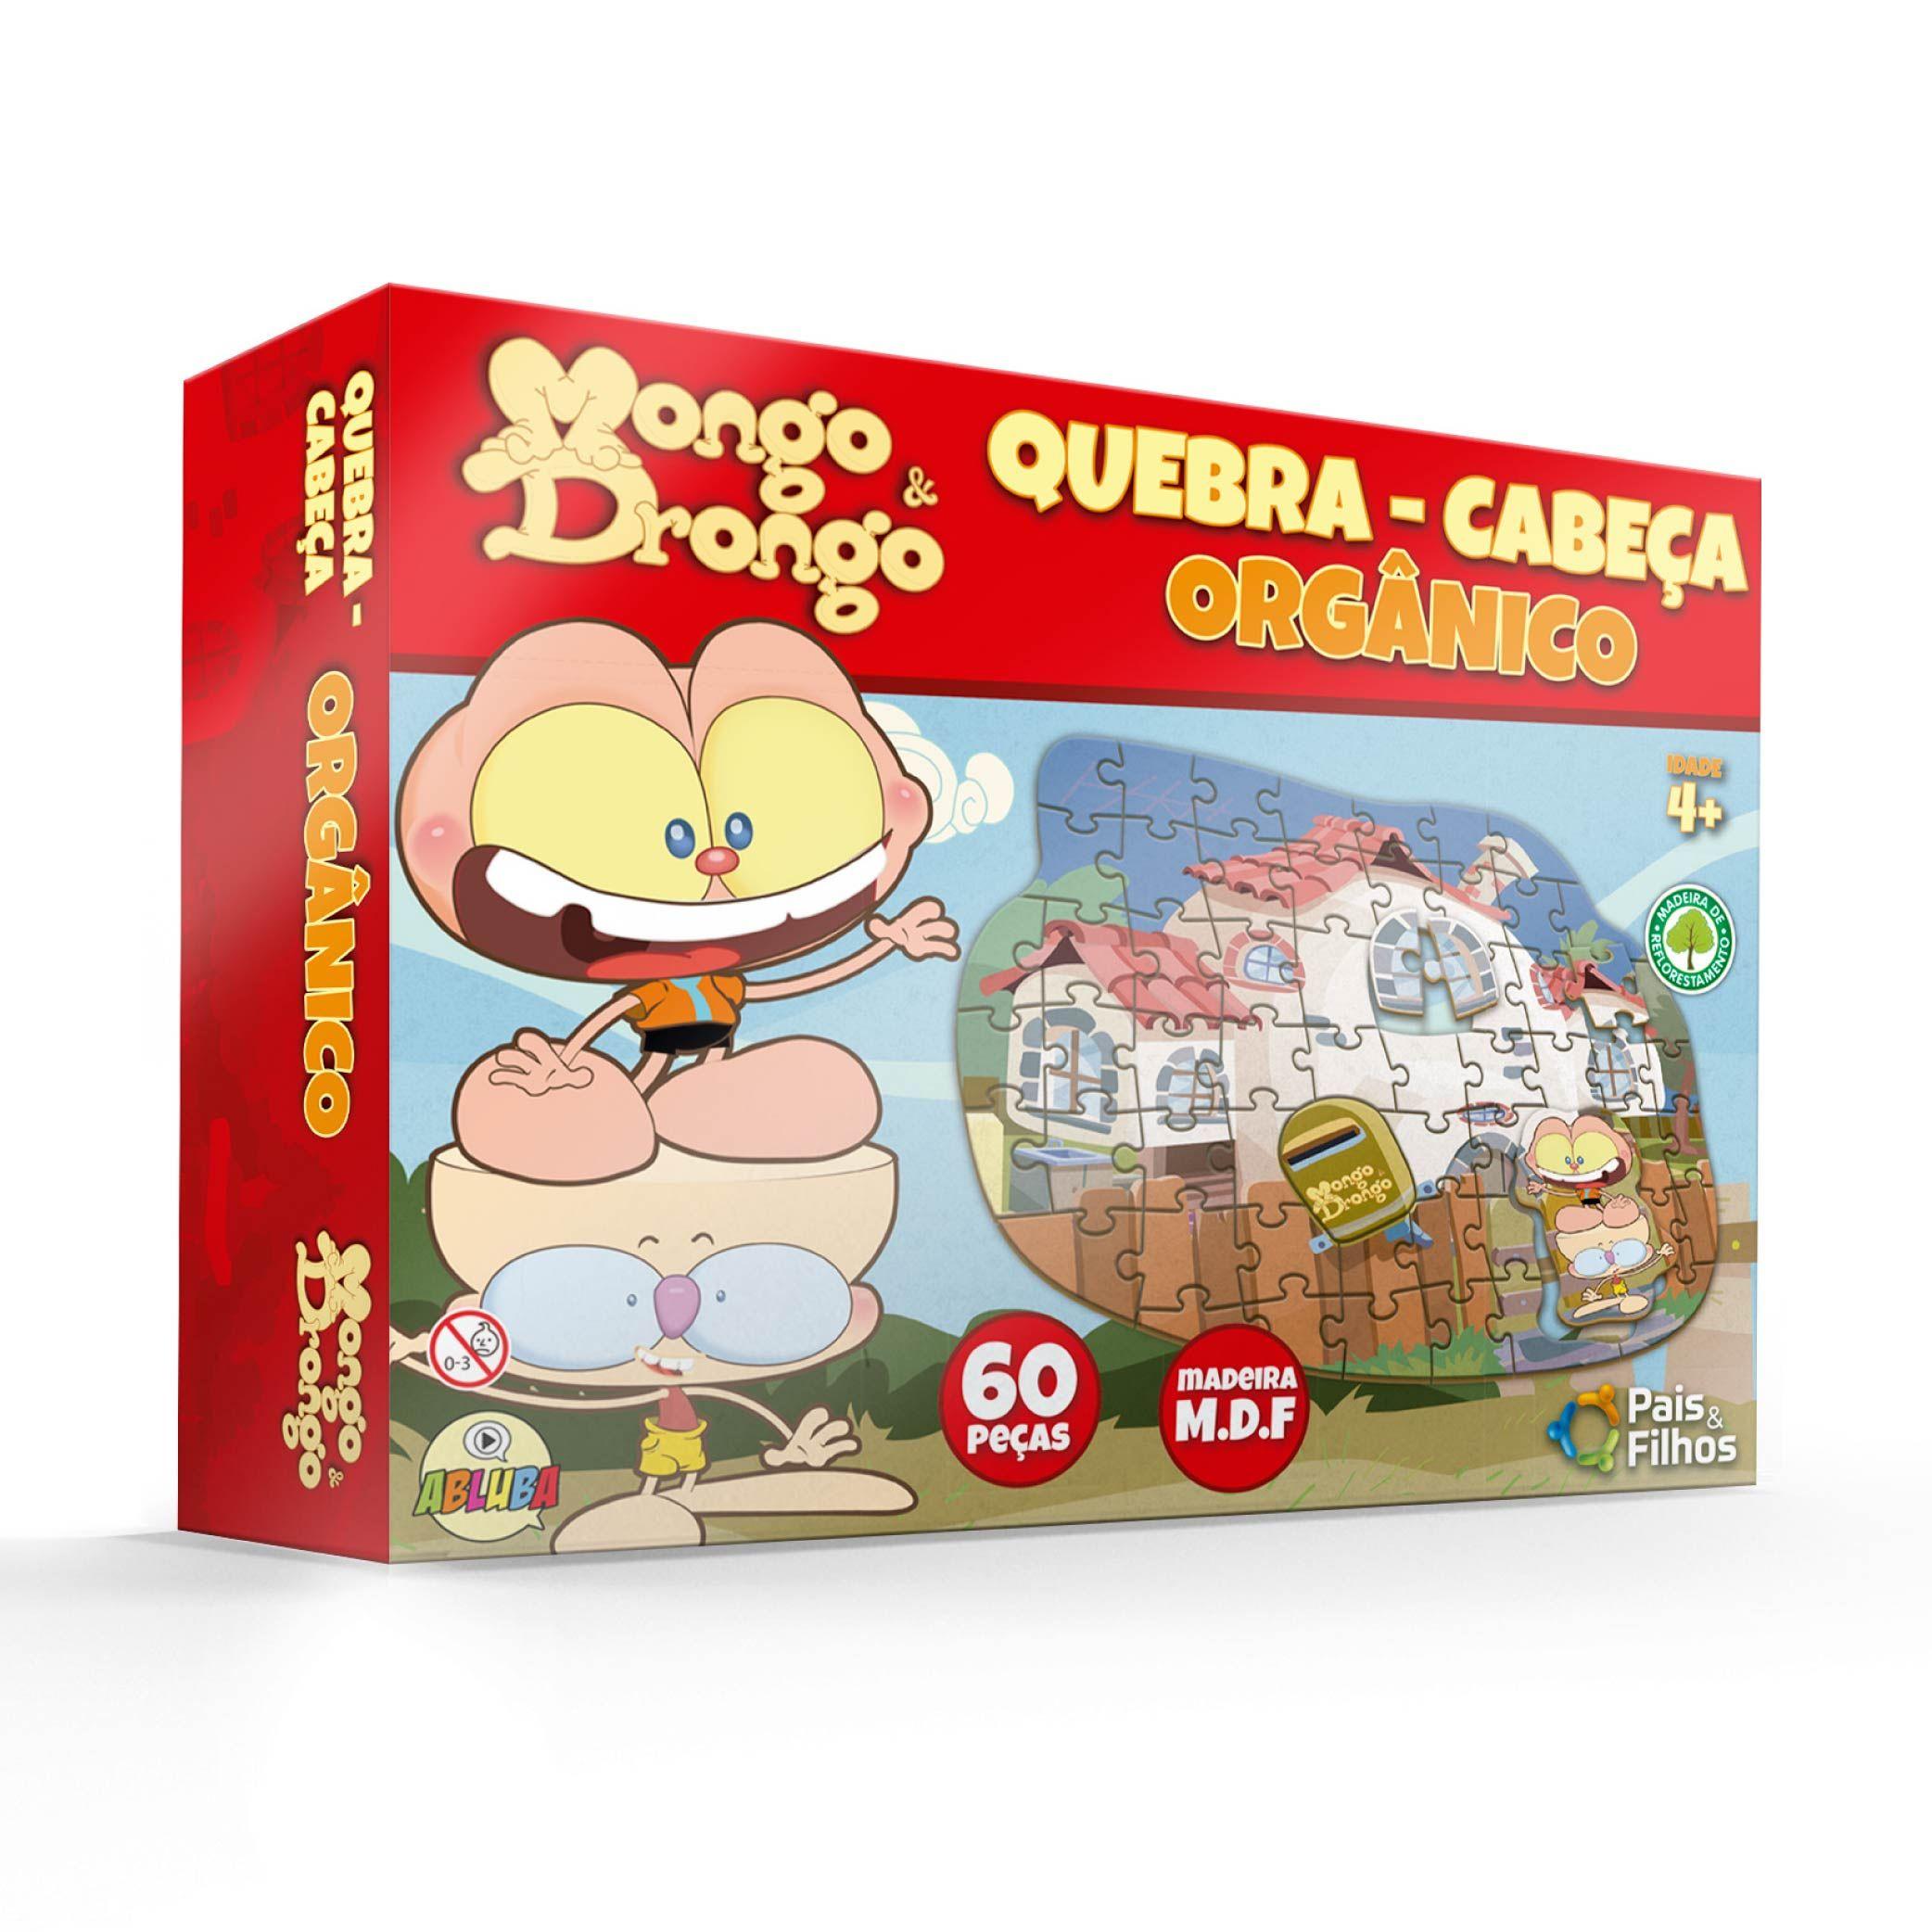 Mongo e Drongo - Quebra Cabeça Organico - 60 pçs MDF-10819